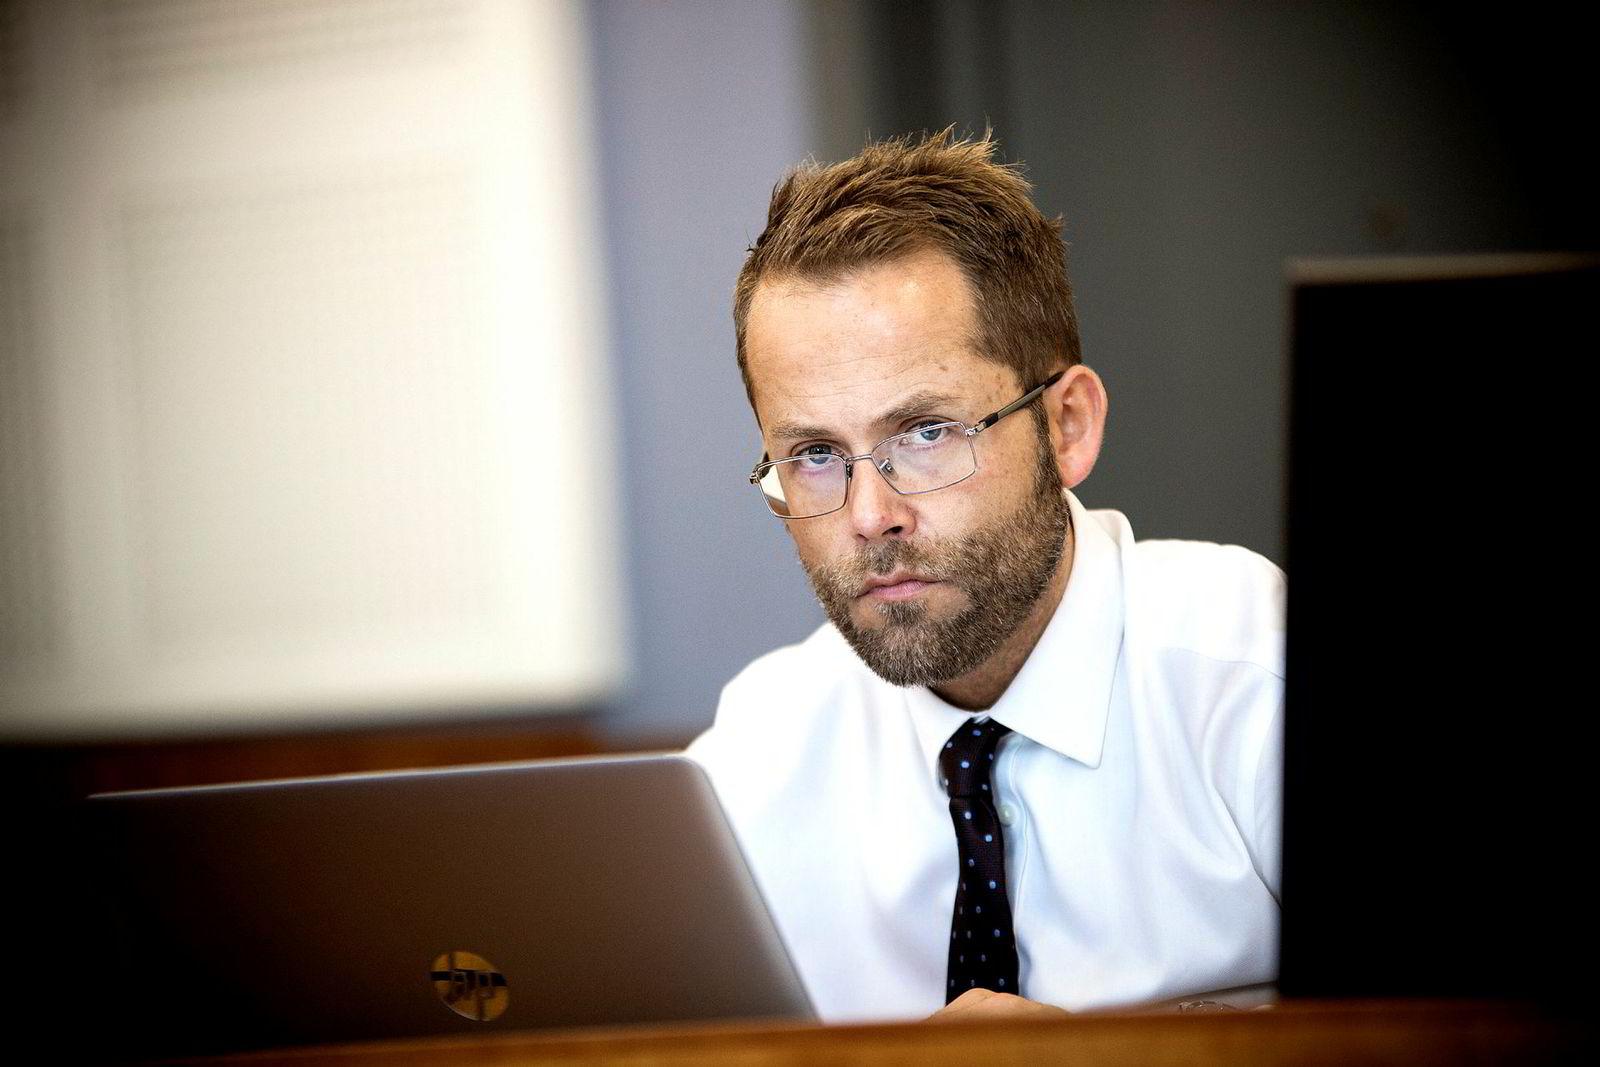 Max Henrik Jespersen fra Advokatfirmaet Elden er Hanne Madsens forsvarer. Foto: Tomm W. Christiansen/DN